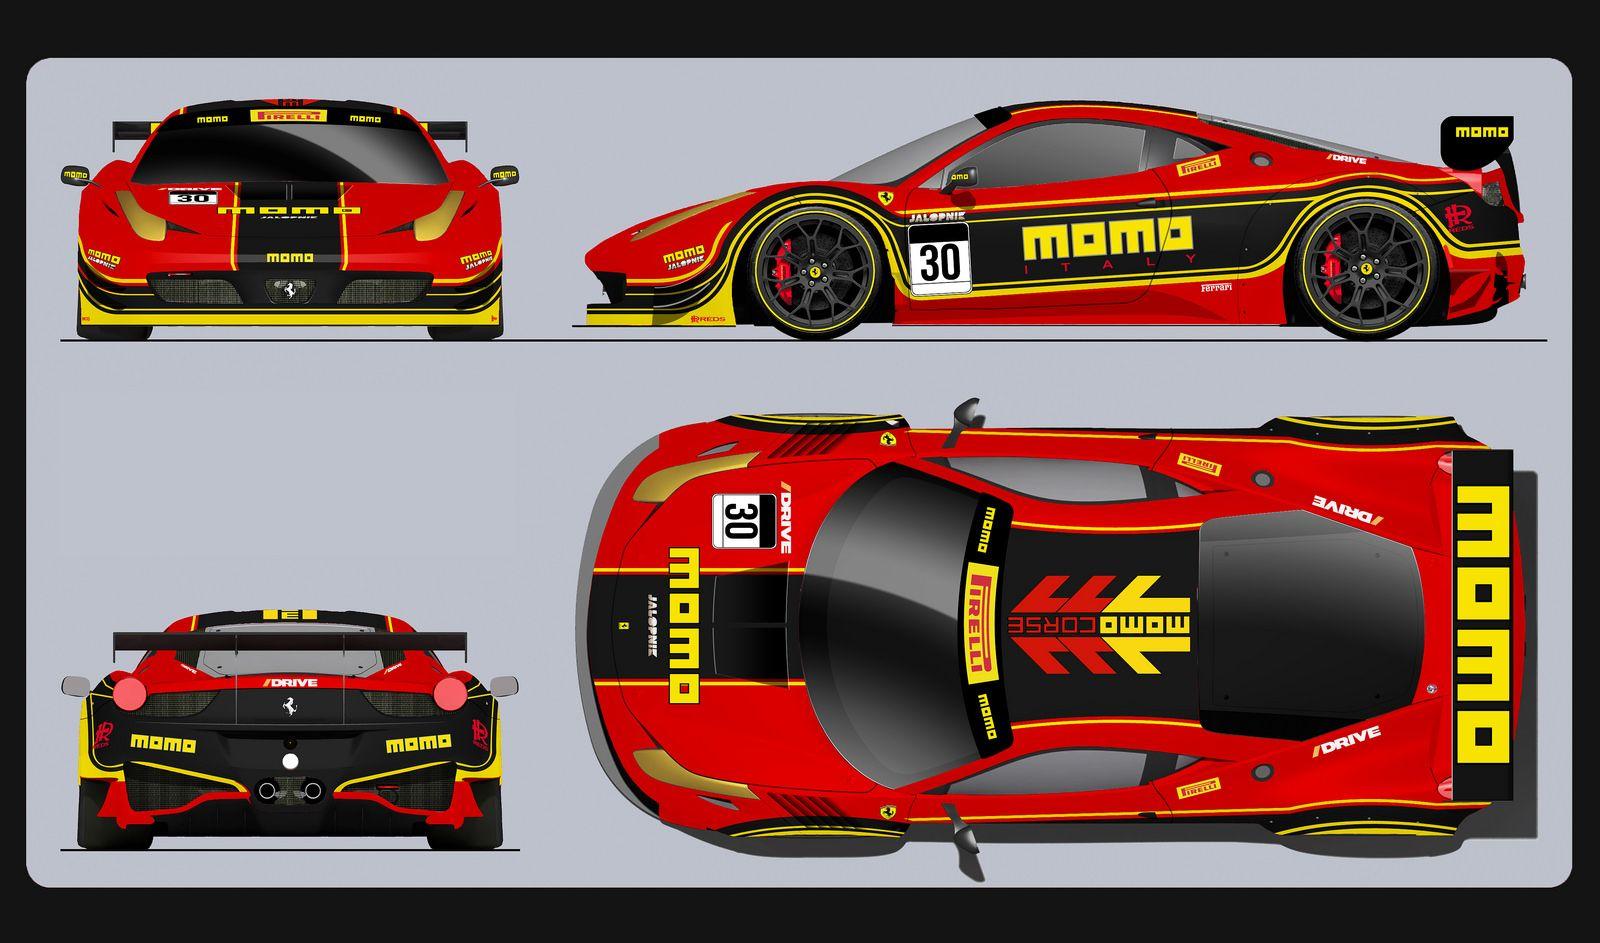 Ferrari 458 Momo Racing Entry 1 With Images Ferrari Racing